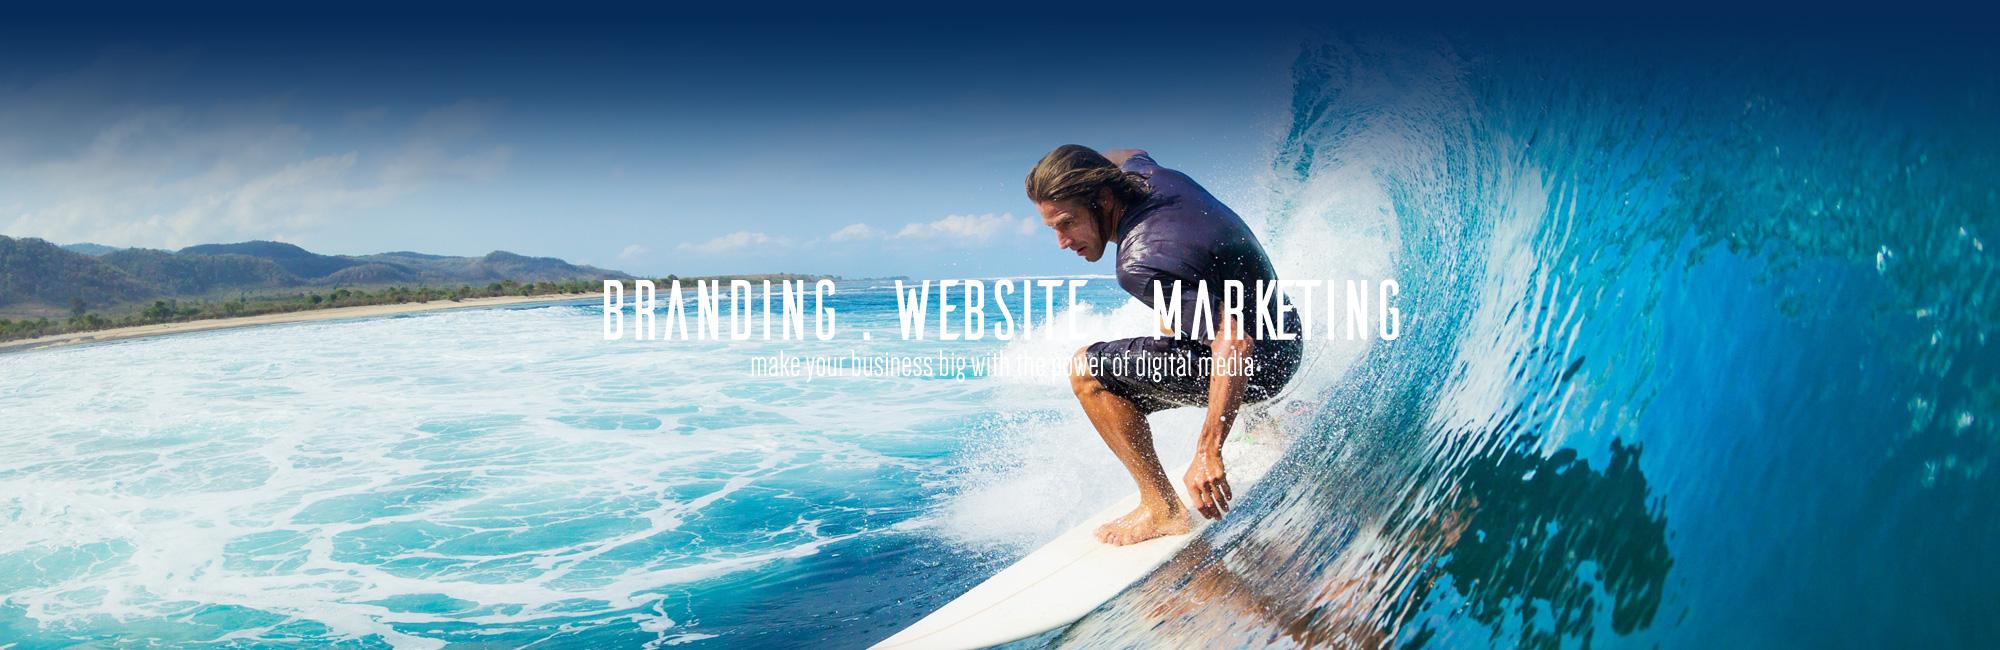 homepage-slide